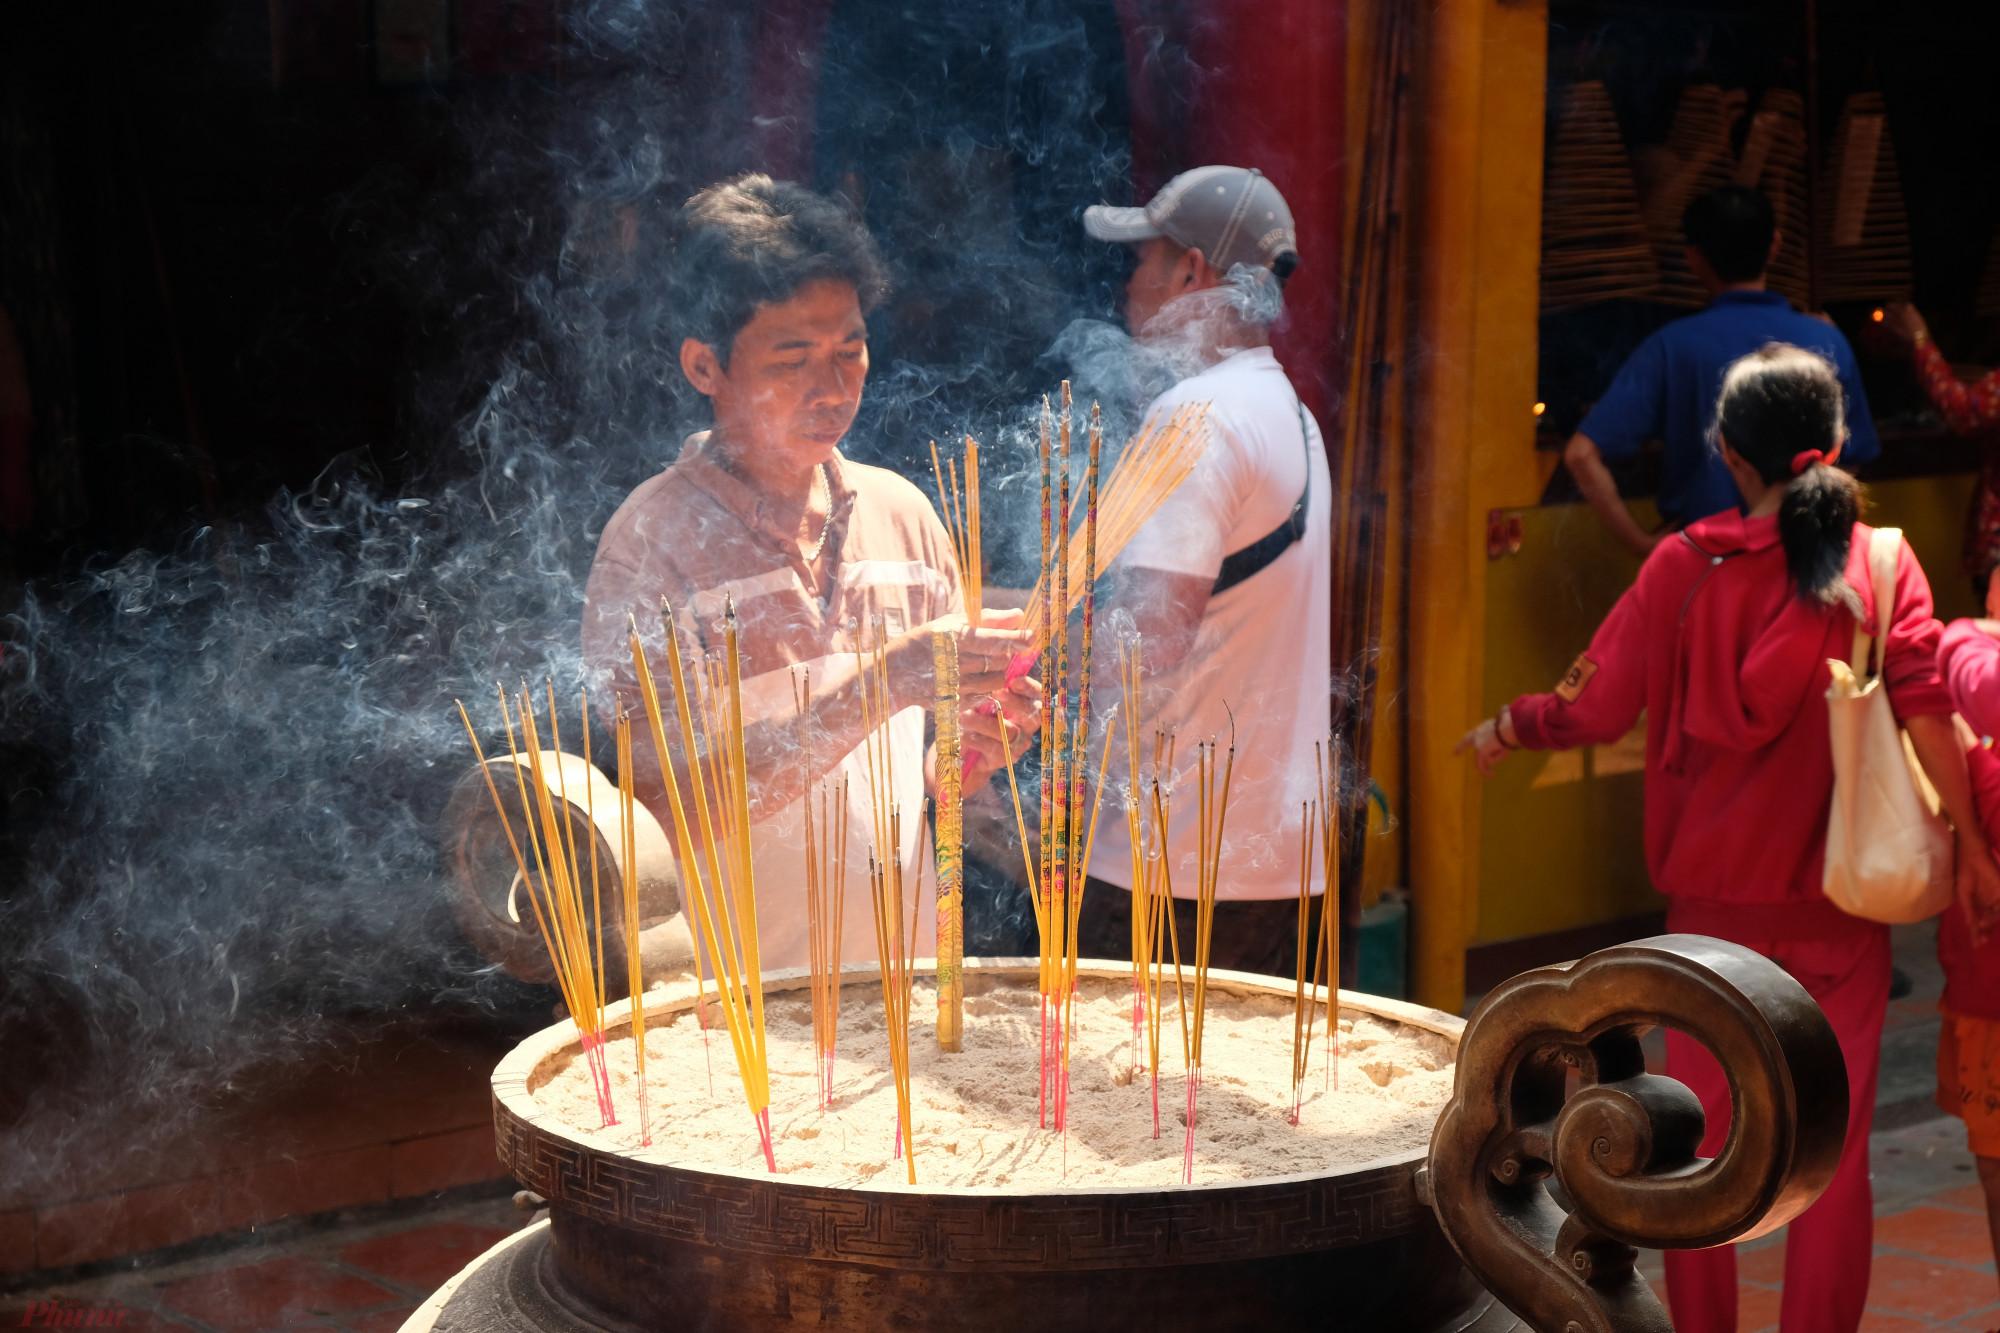 Người dân cũng nên trang bị hiểu biết cơ bản để thực hành văn hóa cho đúng - Ảnh: Đậu Dung